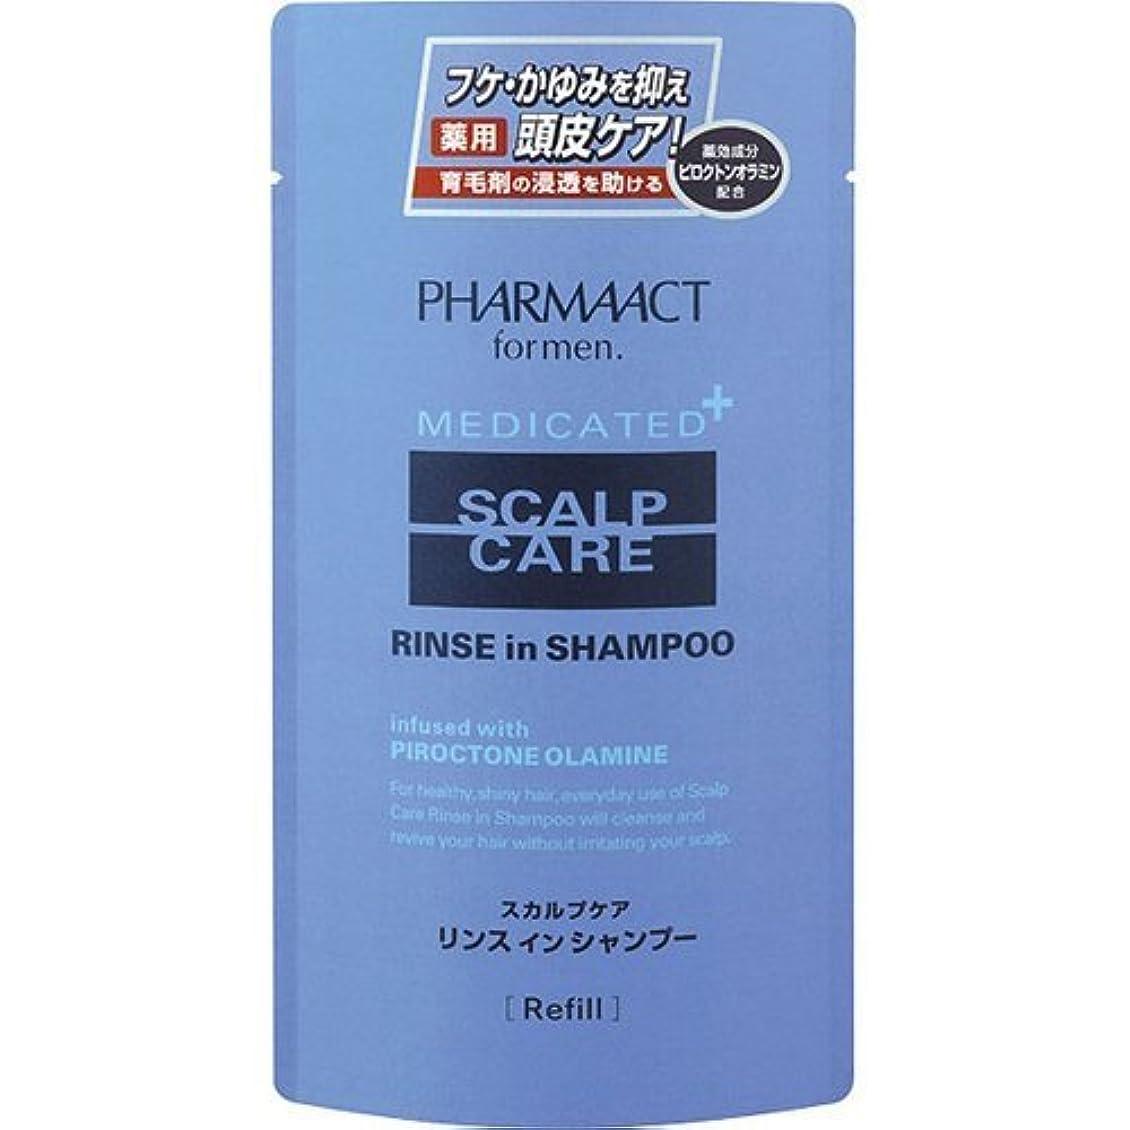 役に立つ不規則性力強い熊野油脂 ファーマアクト 薬用 スカルプケア リンス イン シャンプー 詰替用 350ml